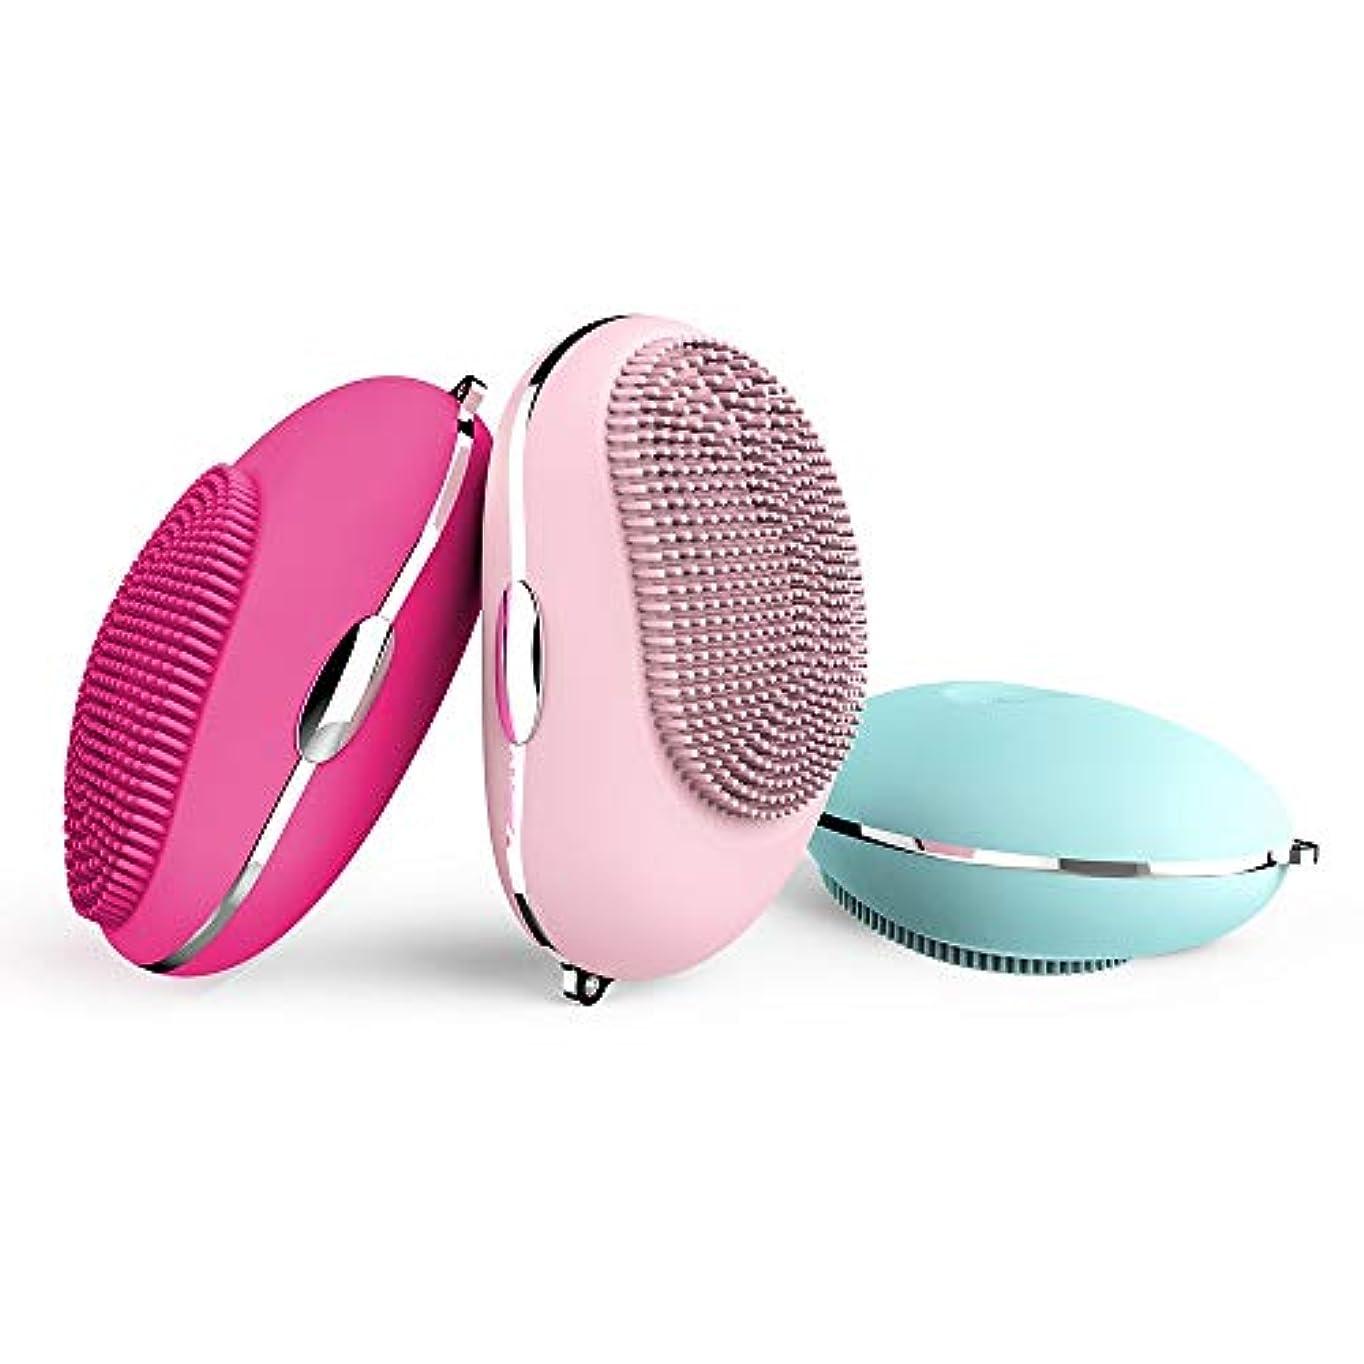 シネマあいにくデザイナーZXF 新電気防水シリコーンクレンジングブラシ超音波振動ポータブルクレンジング楽器マッサージ器美容器械 滑らかである (色 : Blue)